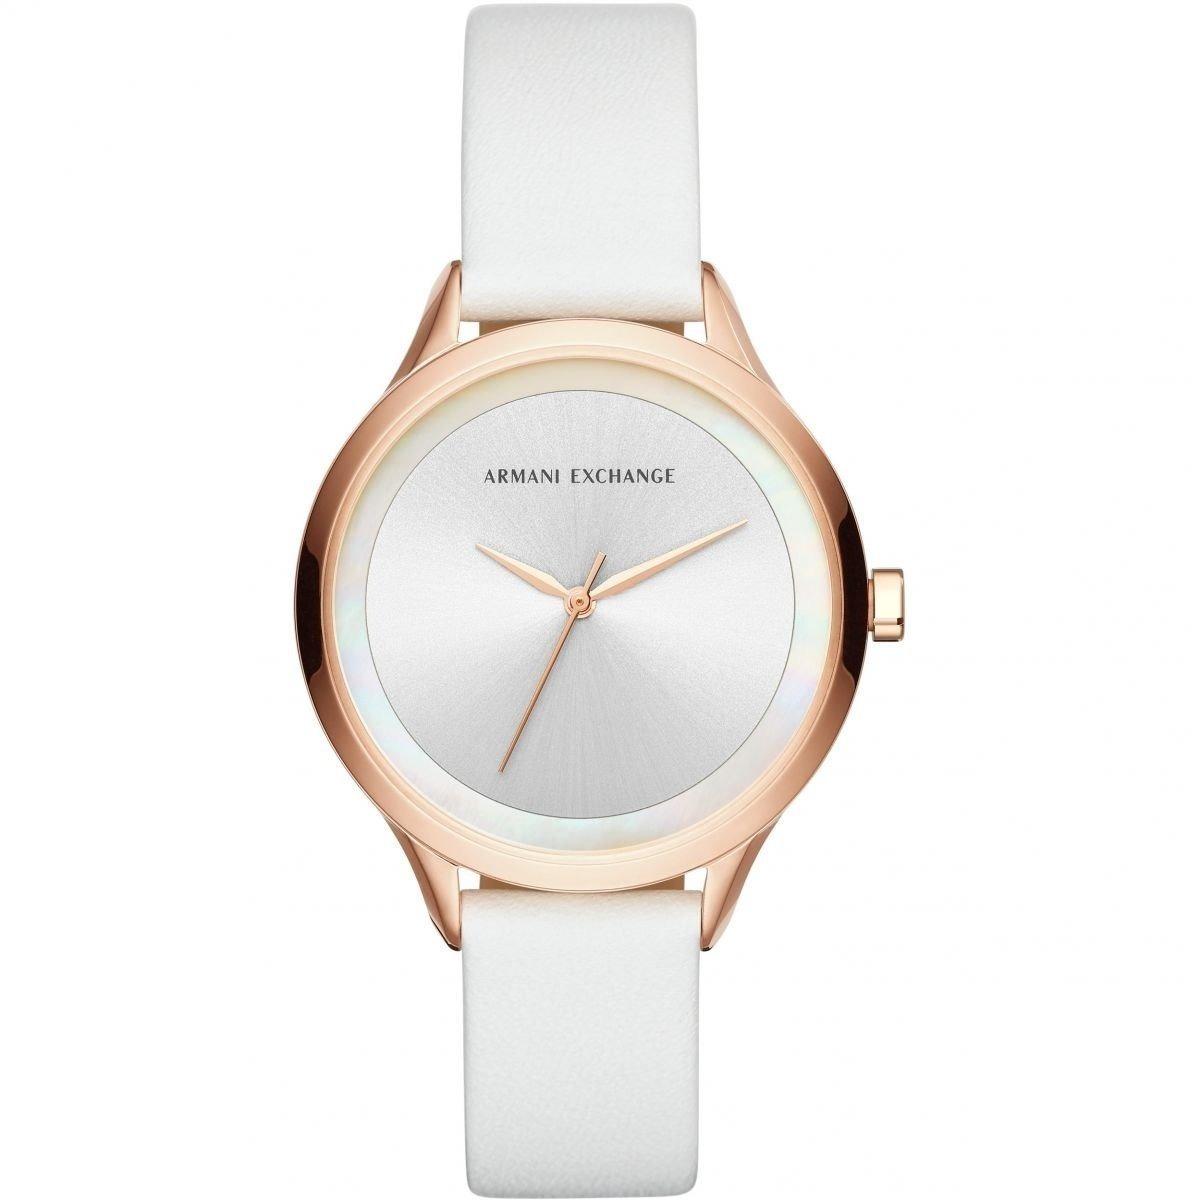 342c483794c9 reloj armani exchange ax5604 piel blanco oro rosa para dama. Cargando zoom.